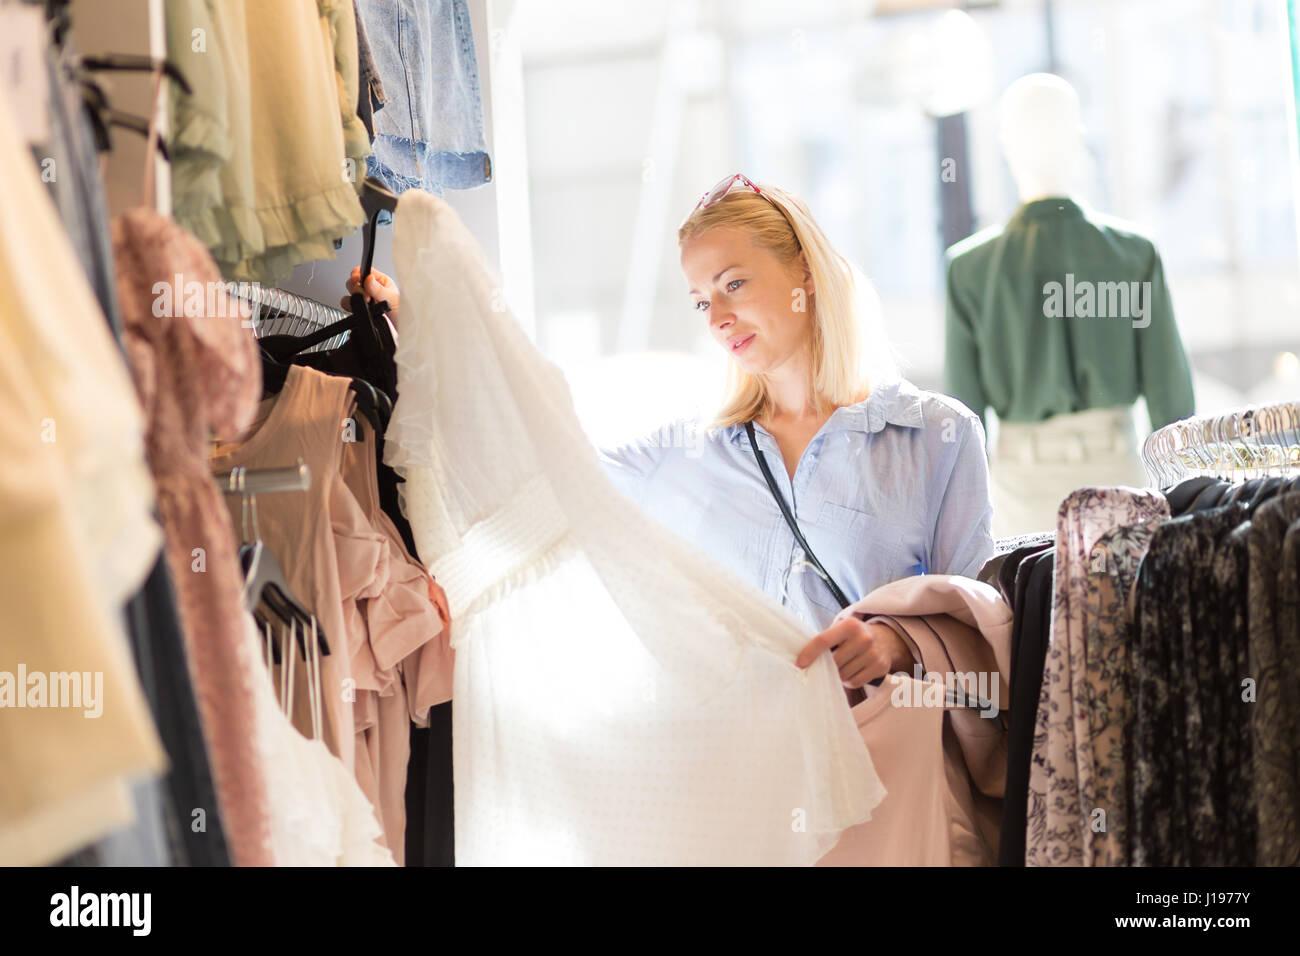 Bella donna shopping abiti alla moda nel negozio di abbigliamento. Immagini Stock